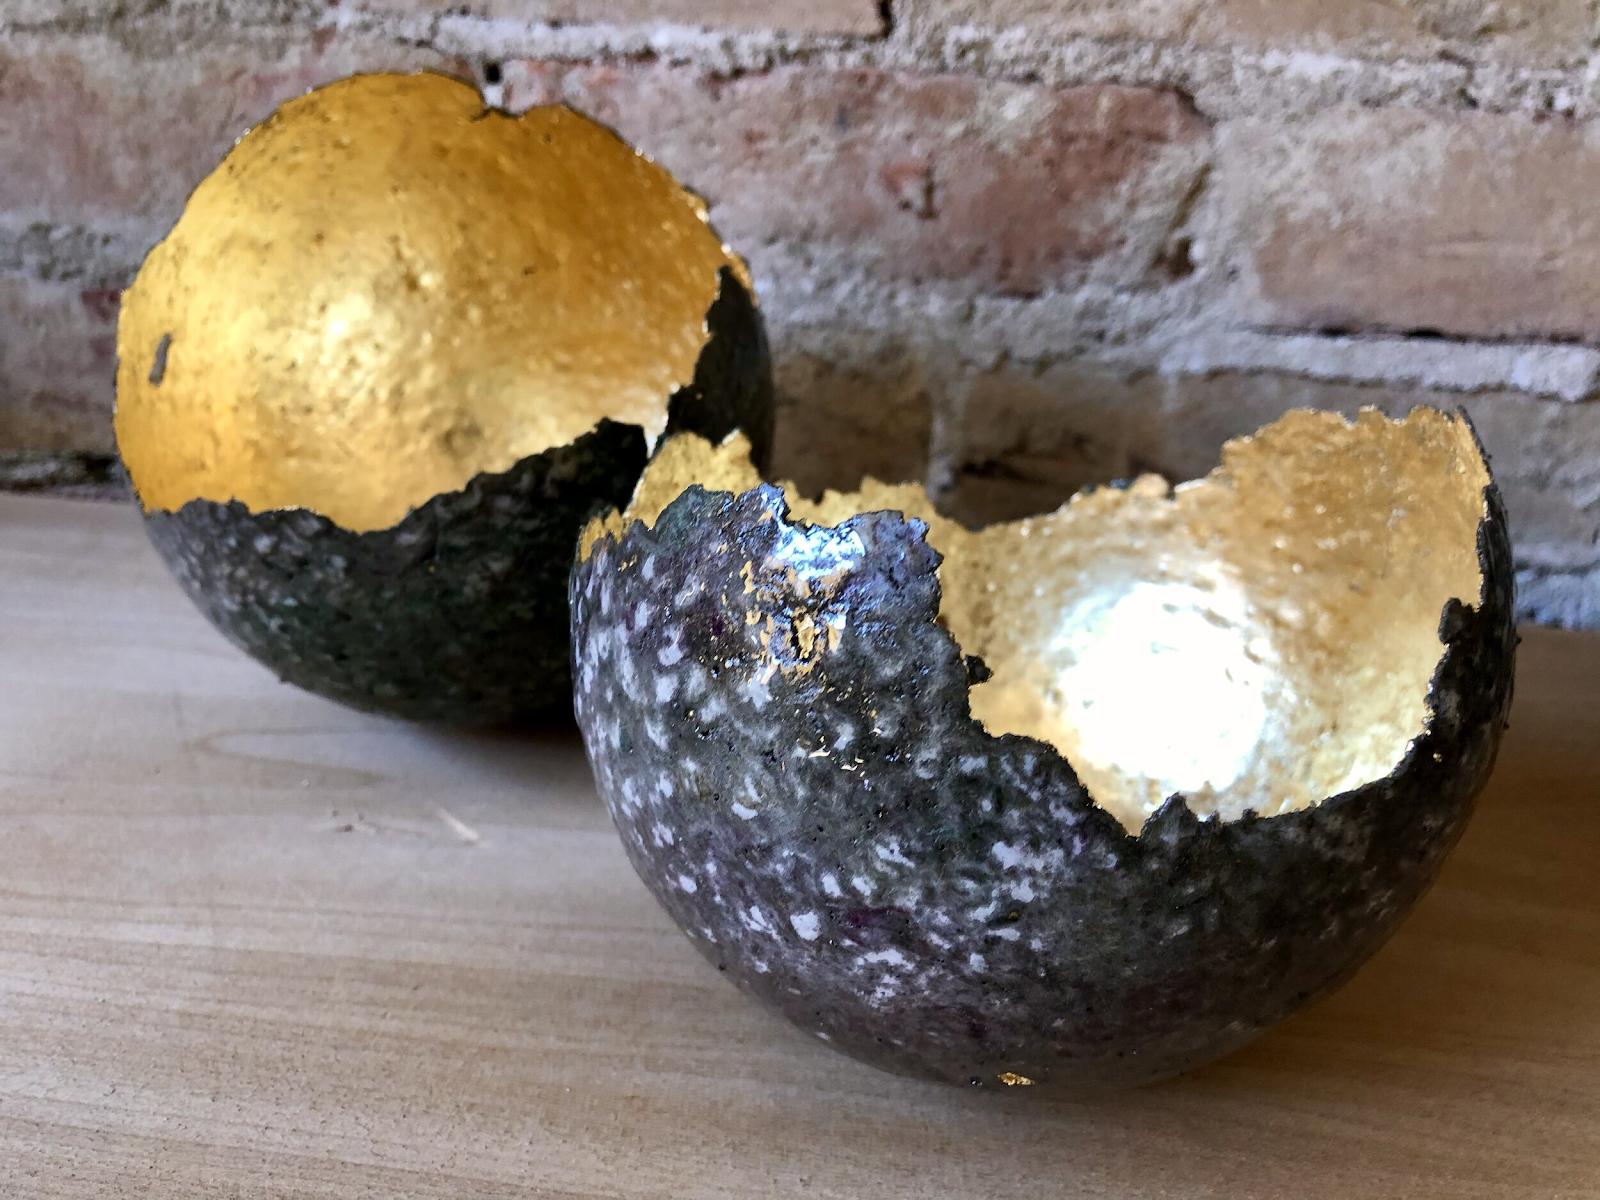 An Egg Sculpture